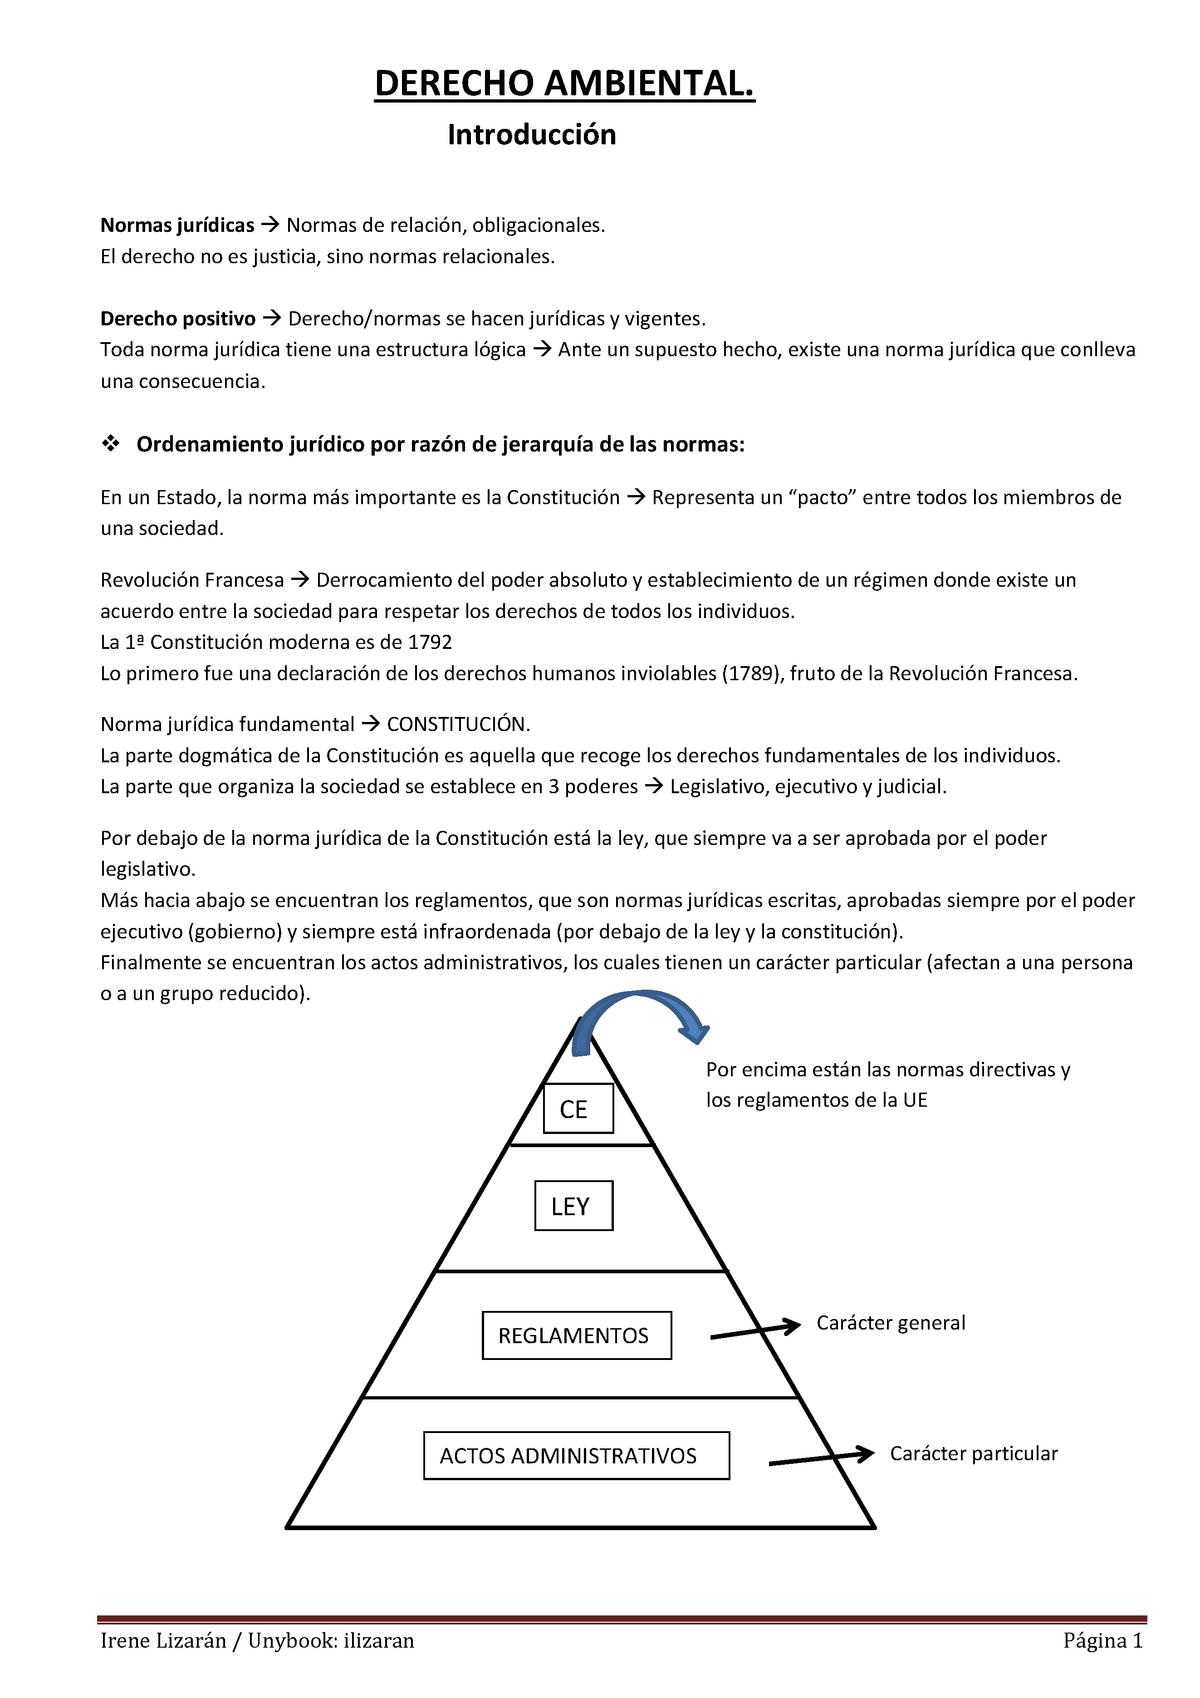 Introducción Al Derecho Ambiental Uv Studocu